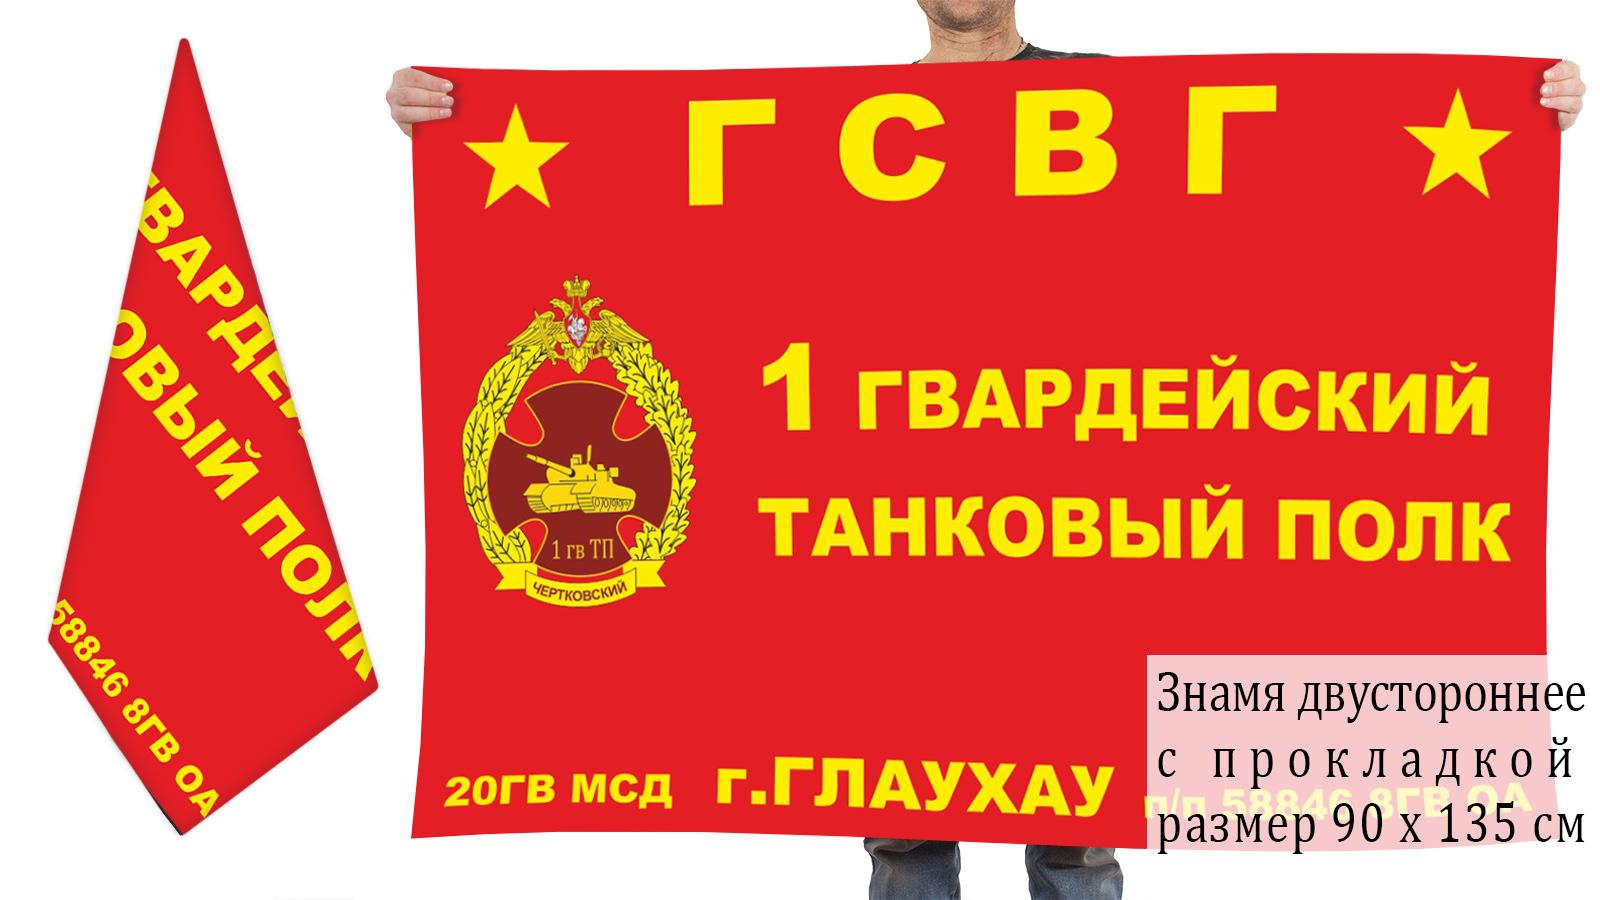 Двусторонний флаг 1 гвардейского танкового полка 20 гвардейской МсД